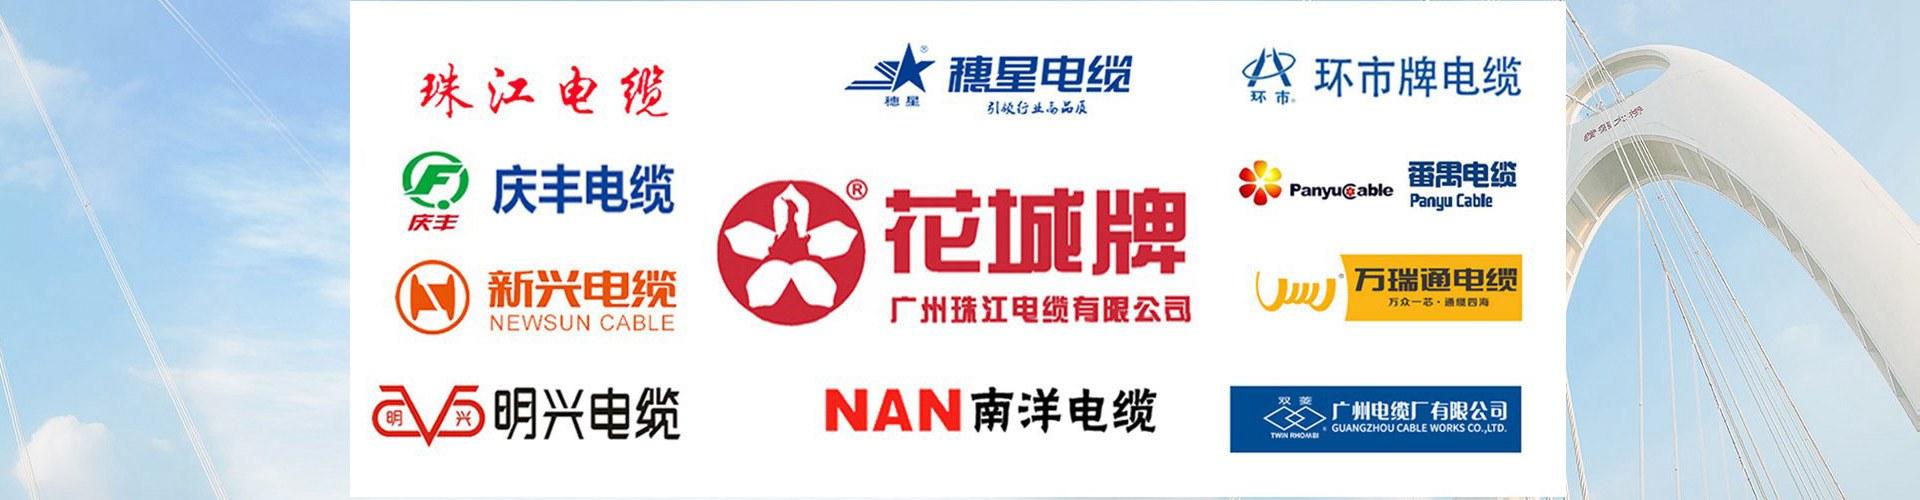 亿彩app电缆banner